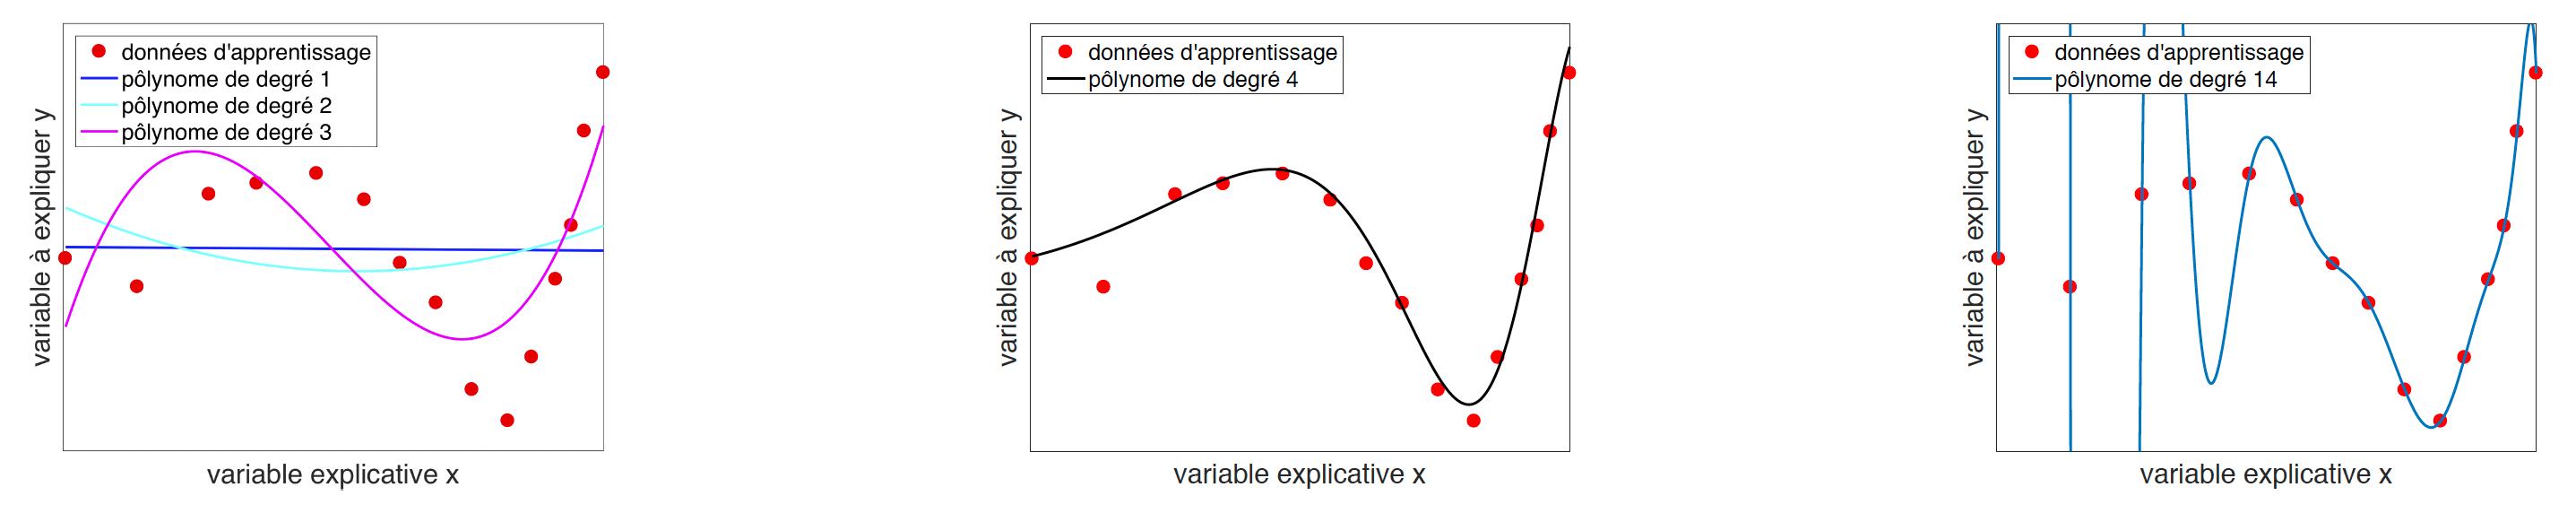 Exemple de sous apprentissage : les modèles considérés ne sont pas assez complexes